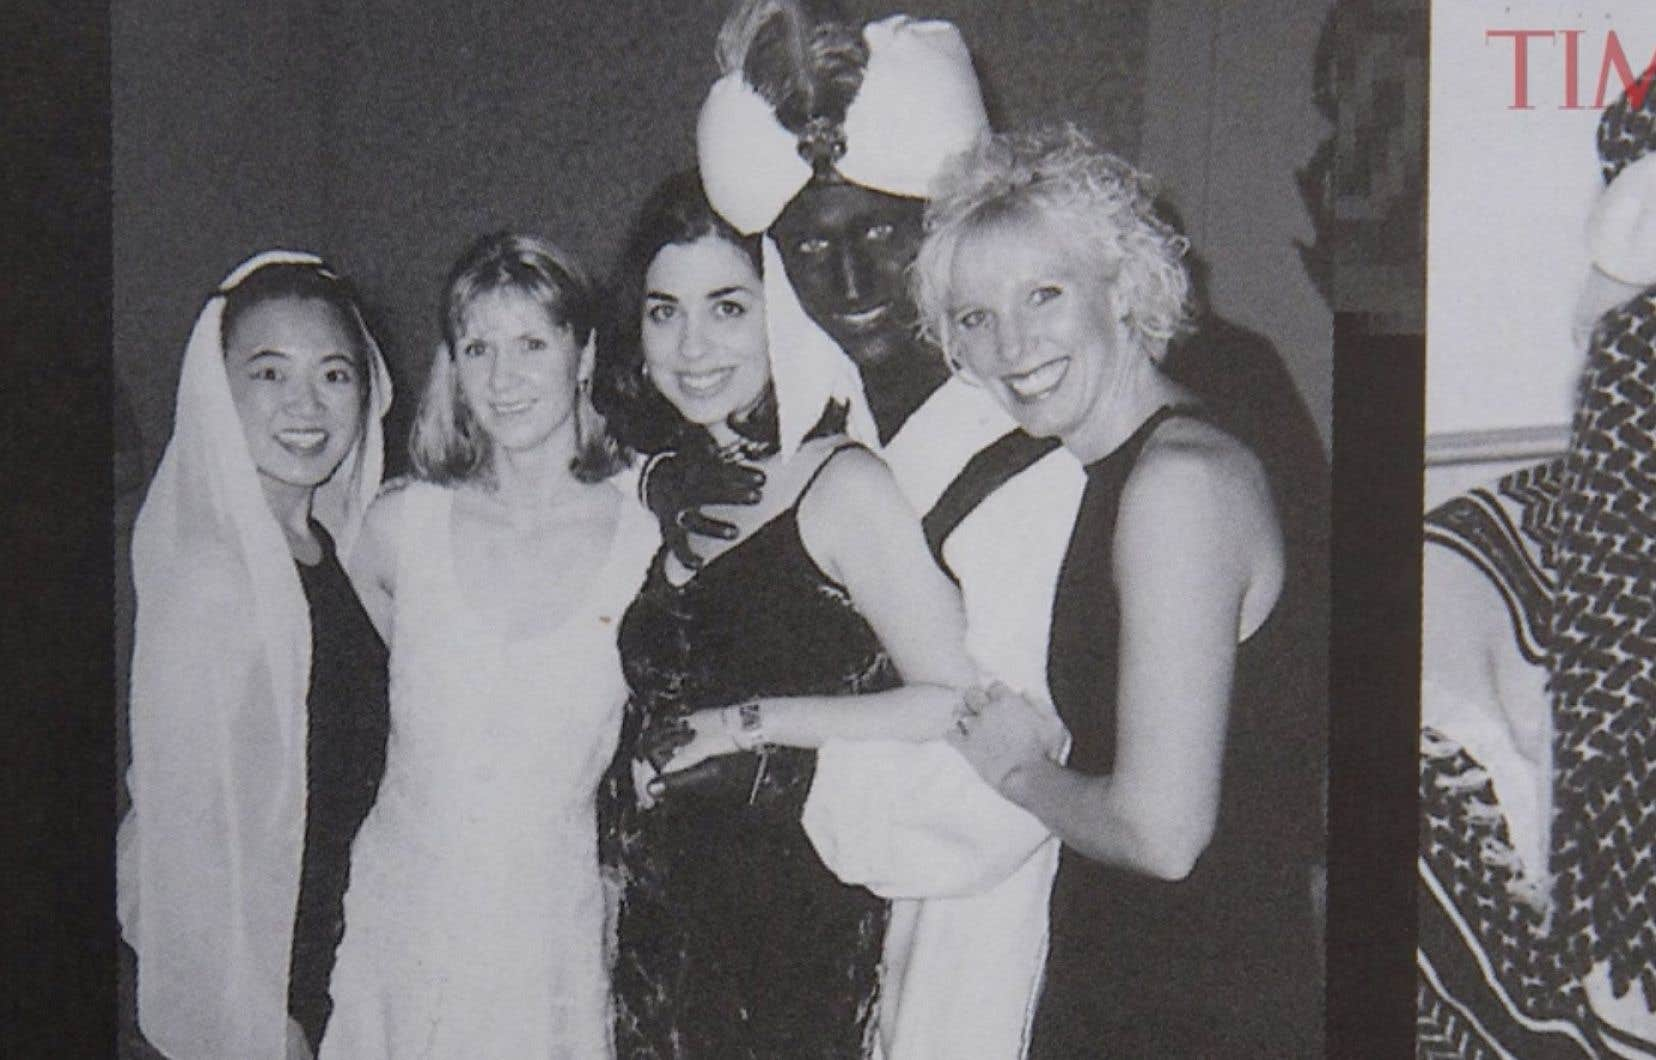 La photo de M.Trudeau déguisé en Aladin avait été prise lors d'un dîner de gala thématique à l'académie West Point Grey, une école privée de Vancouver où il enseignait.